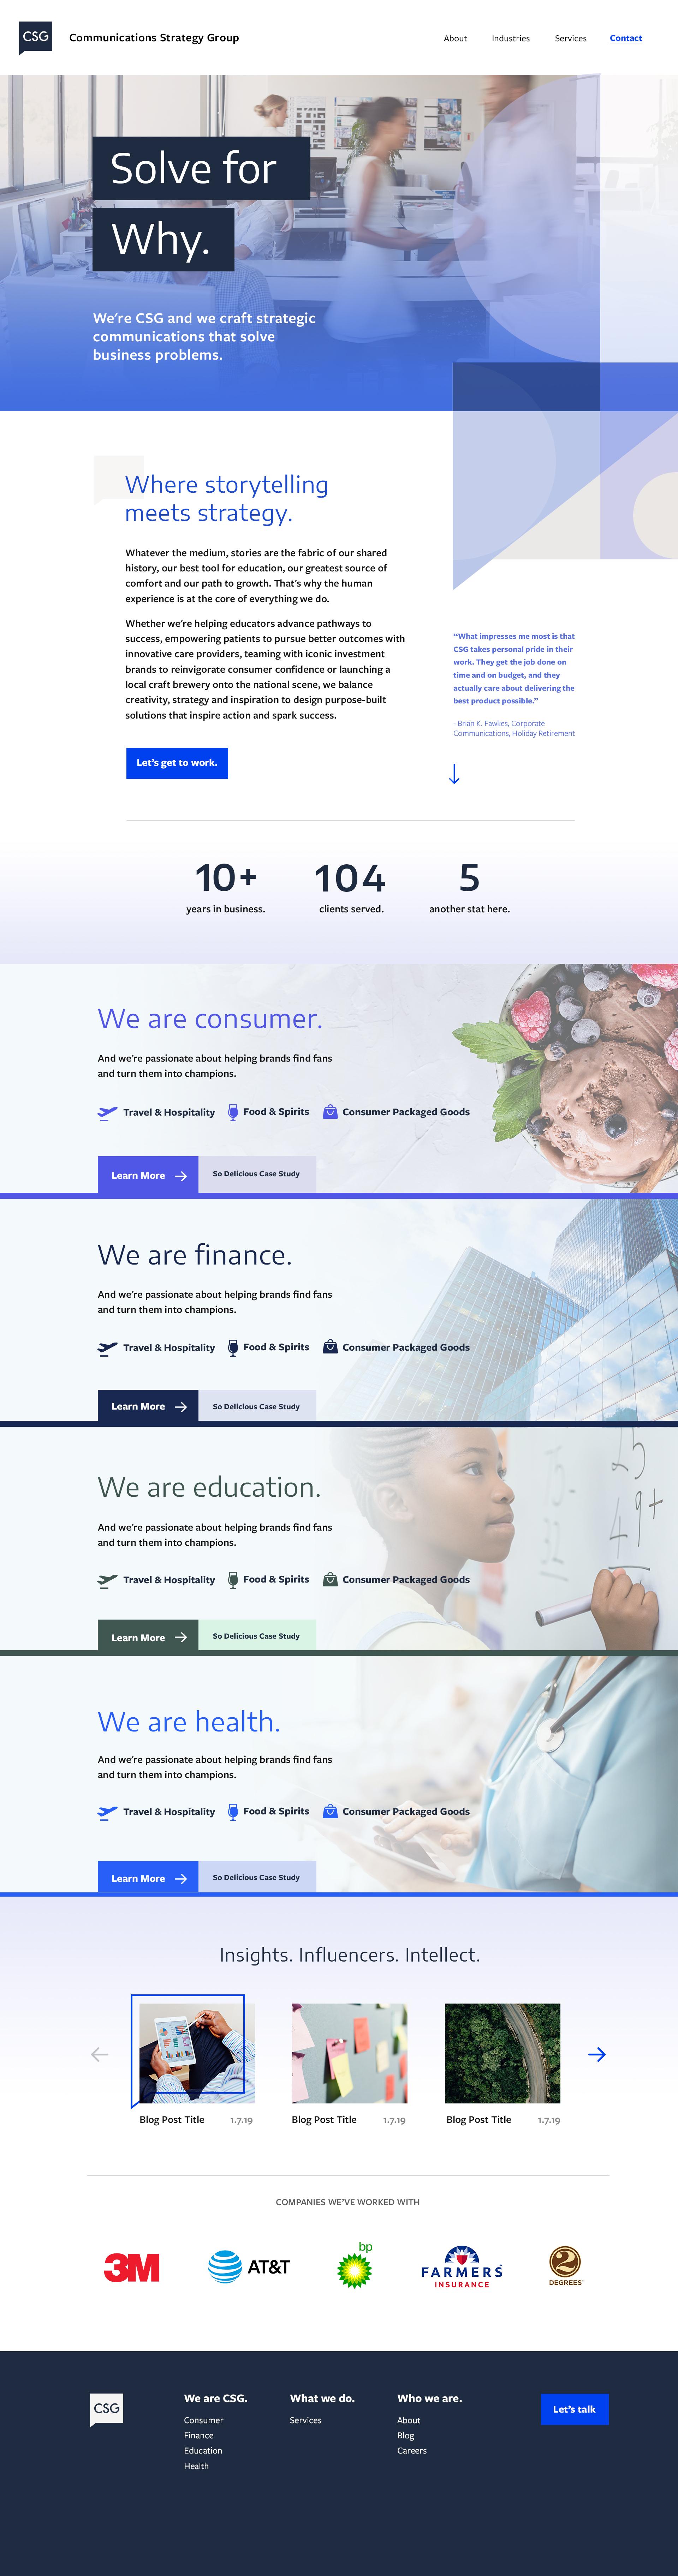 CSG_Website_Concept_KS.jpg